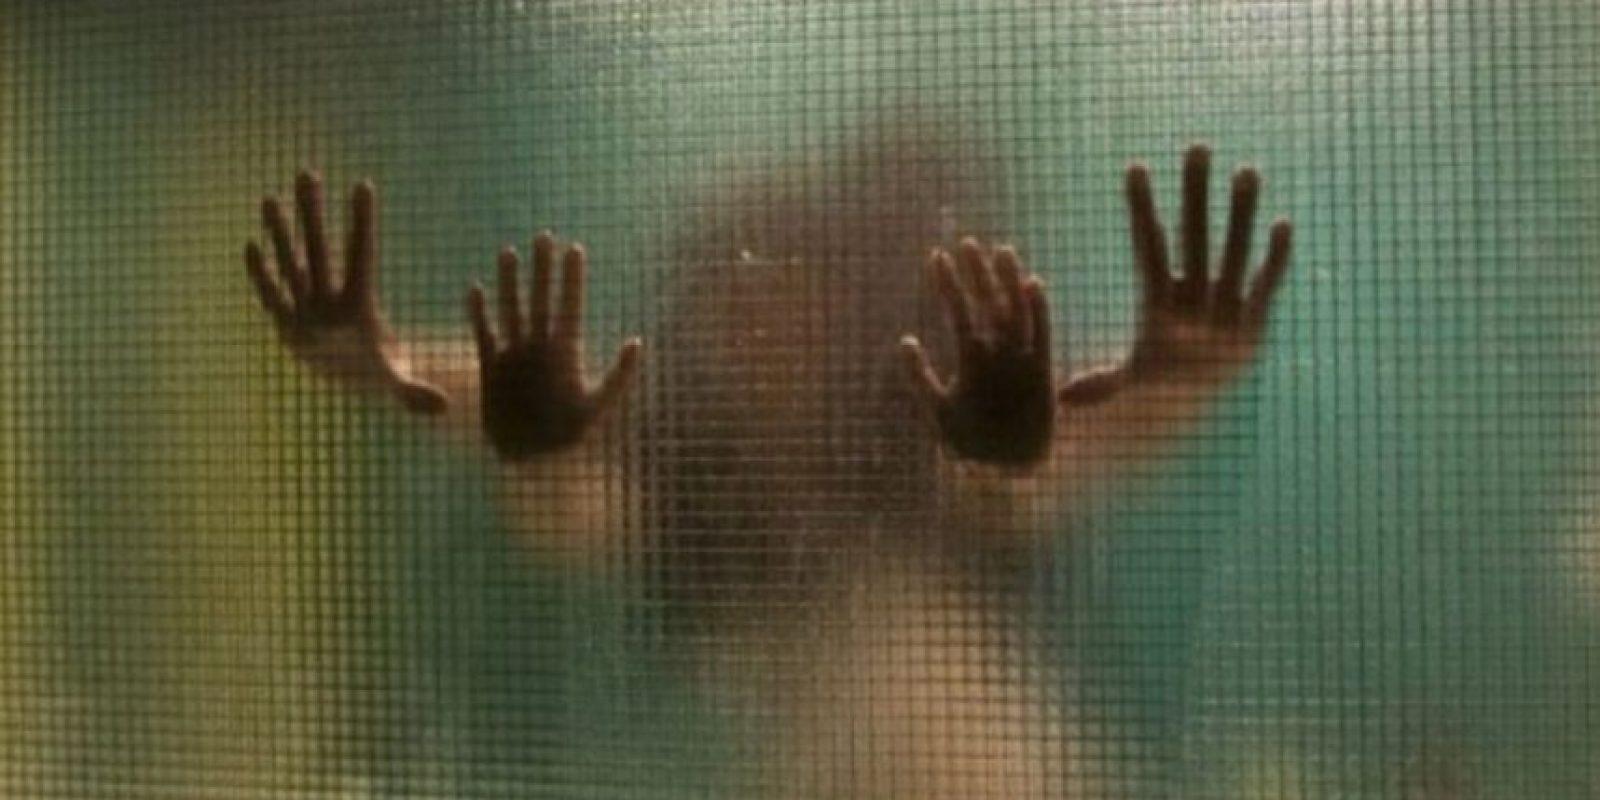 Сиськи в стекле, Голые сиськи малышек за стеклом (15 фото эротики) 11 фотография